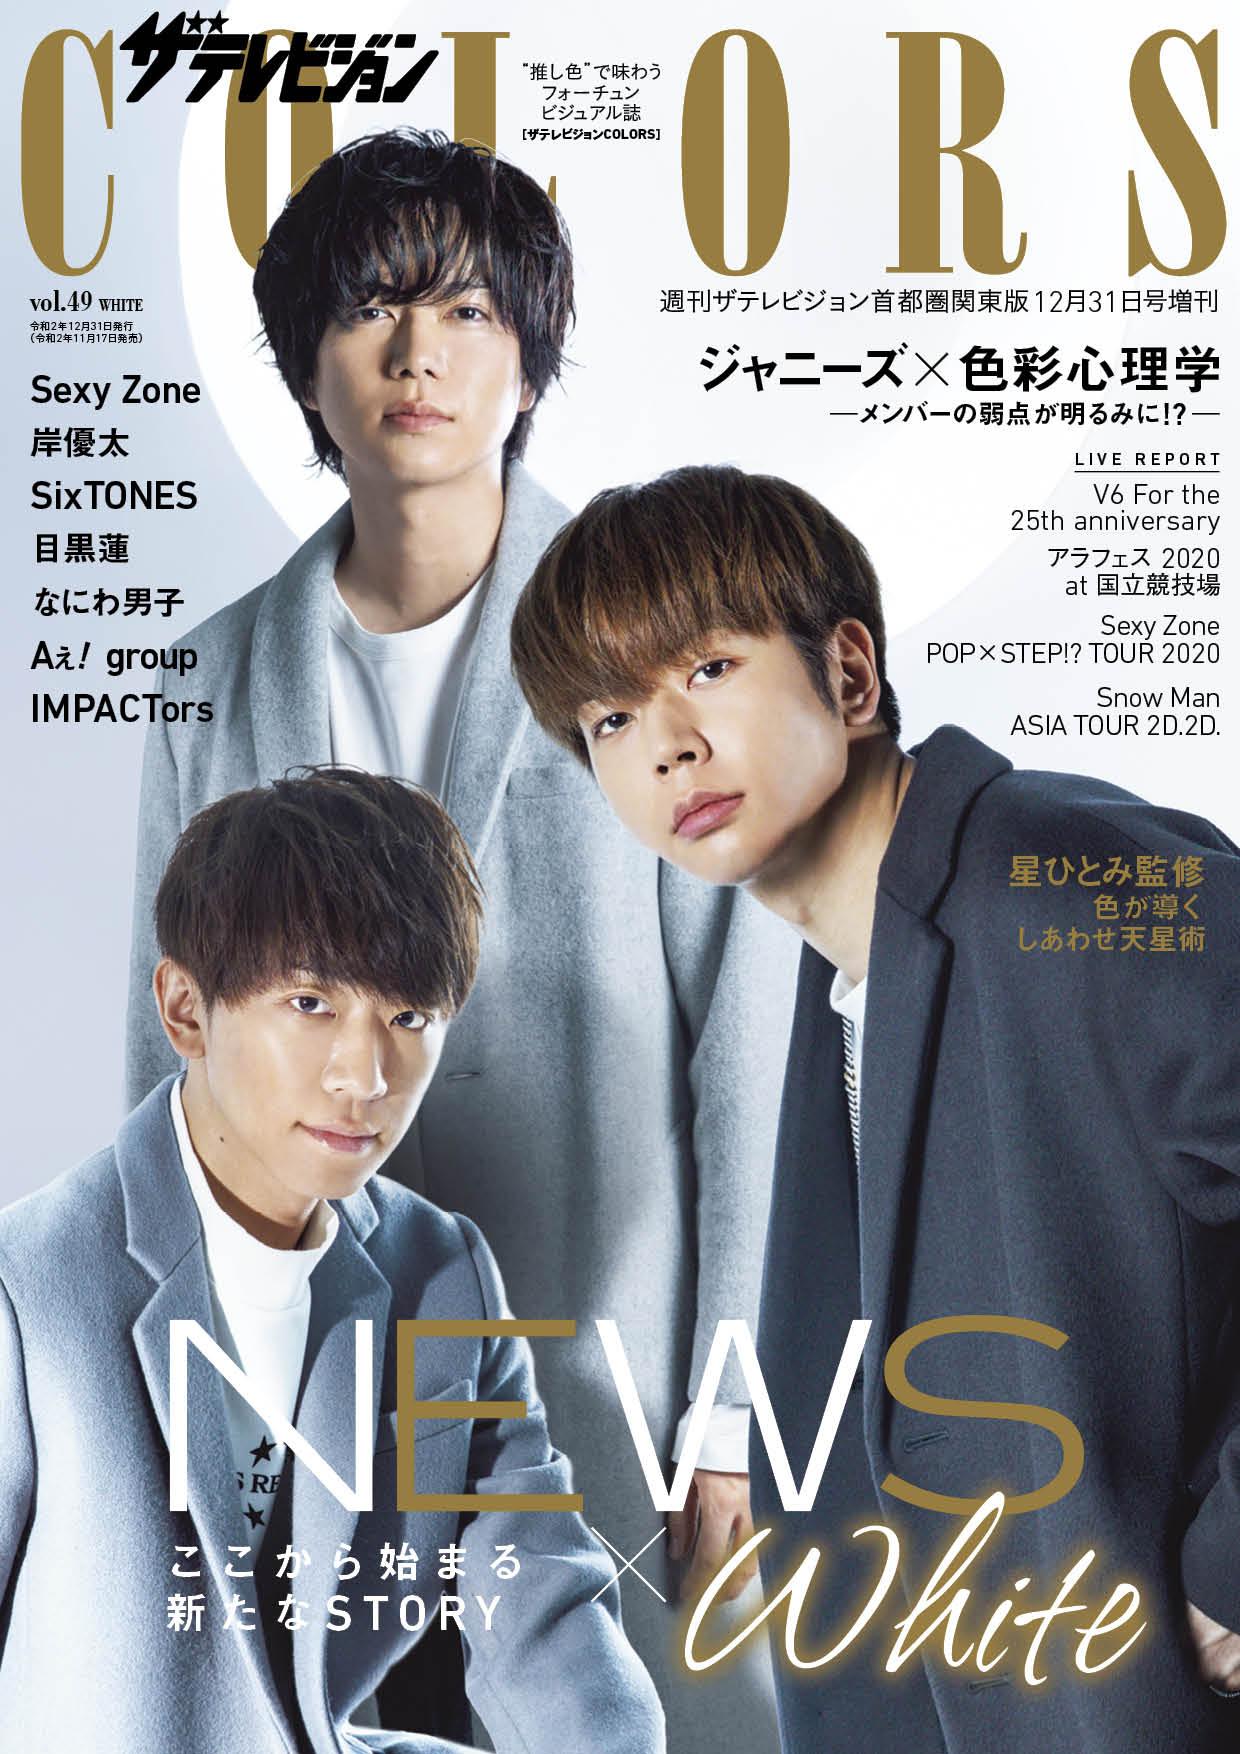 ザテレビジョンCOLORS  Vol.49 WHITE 1,100円